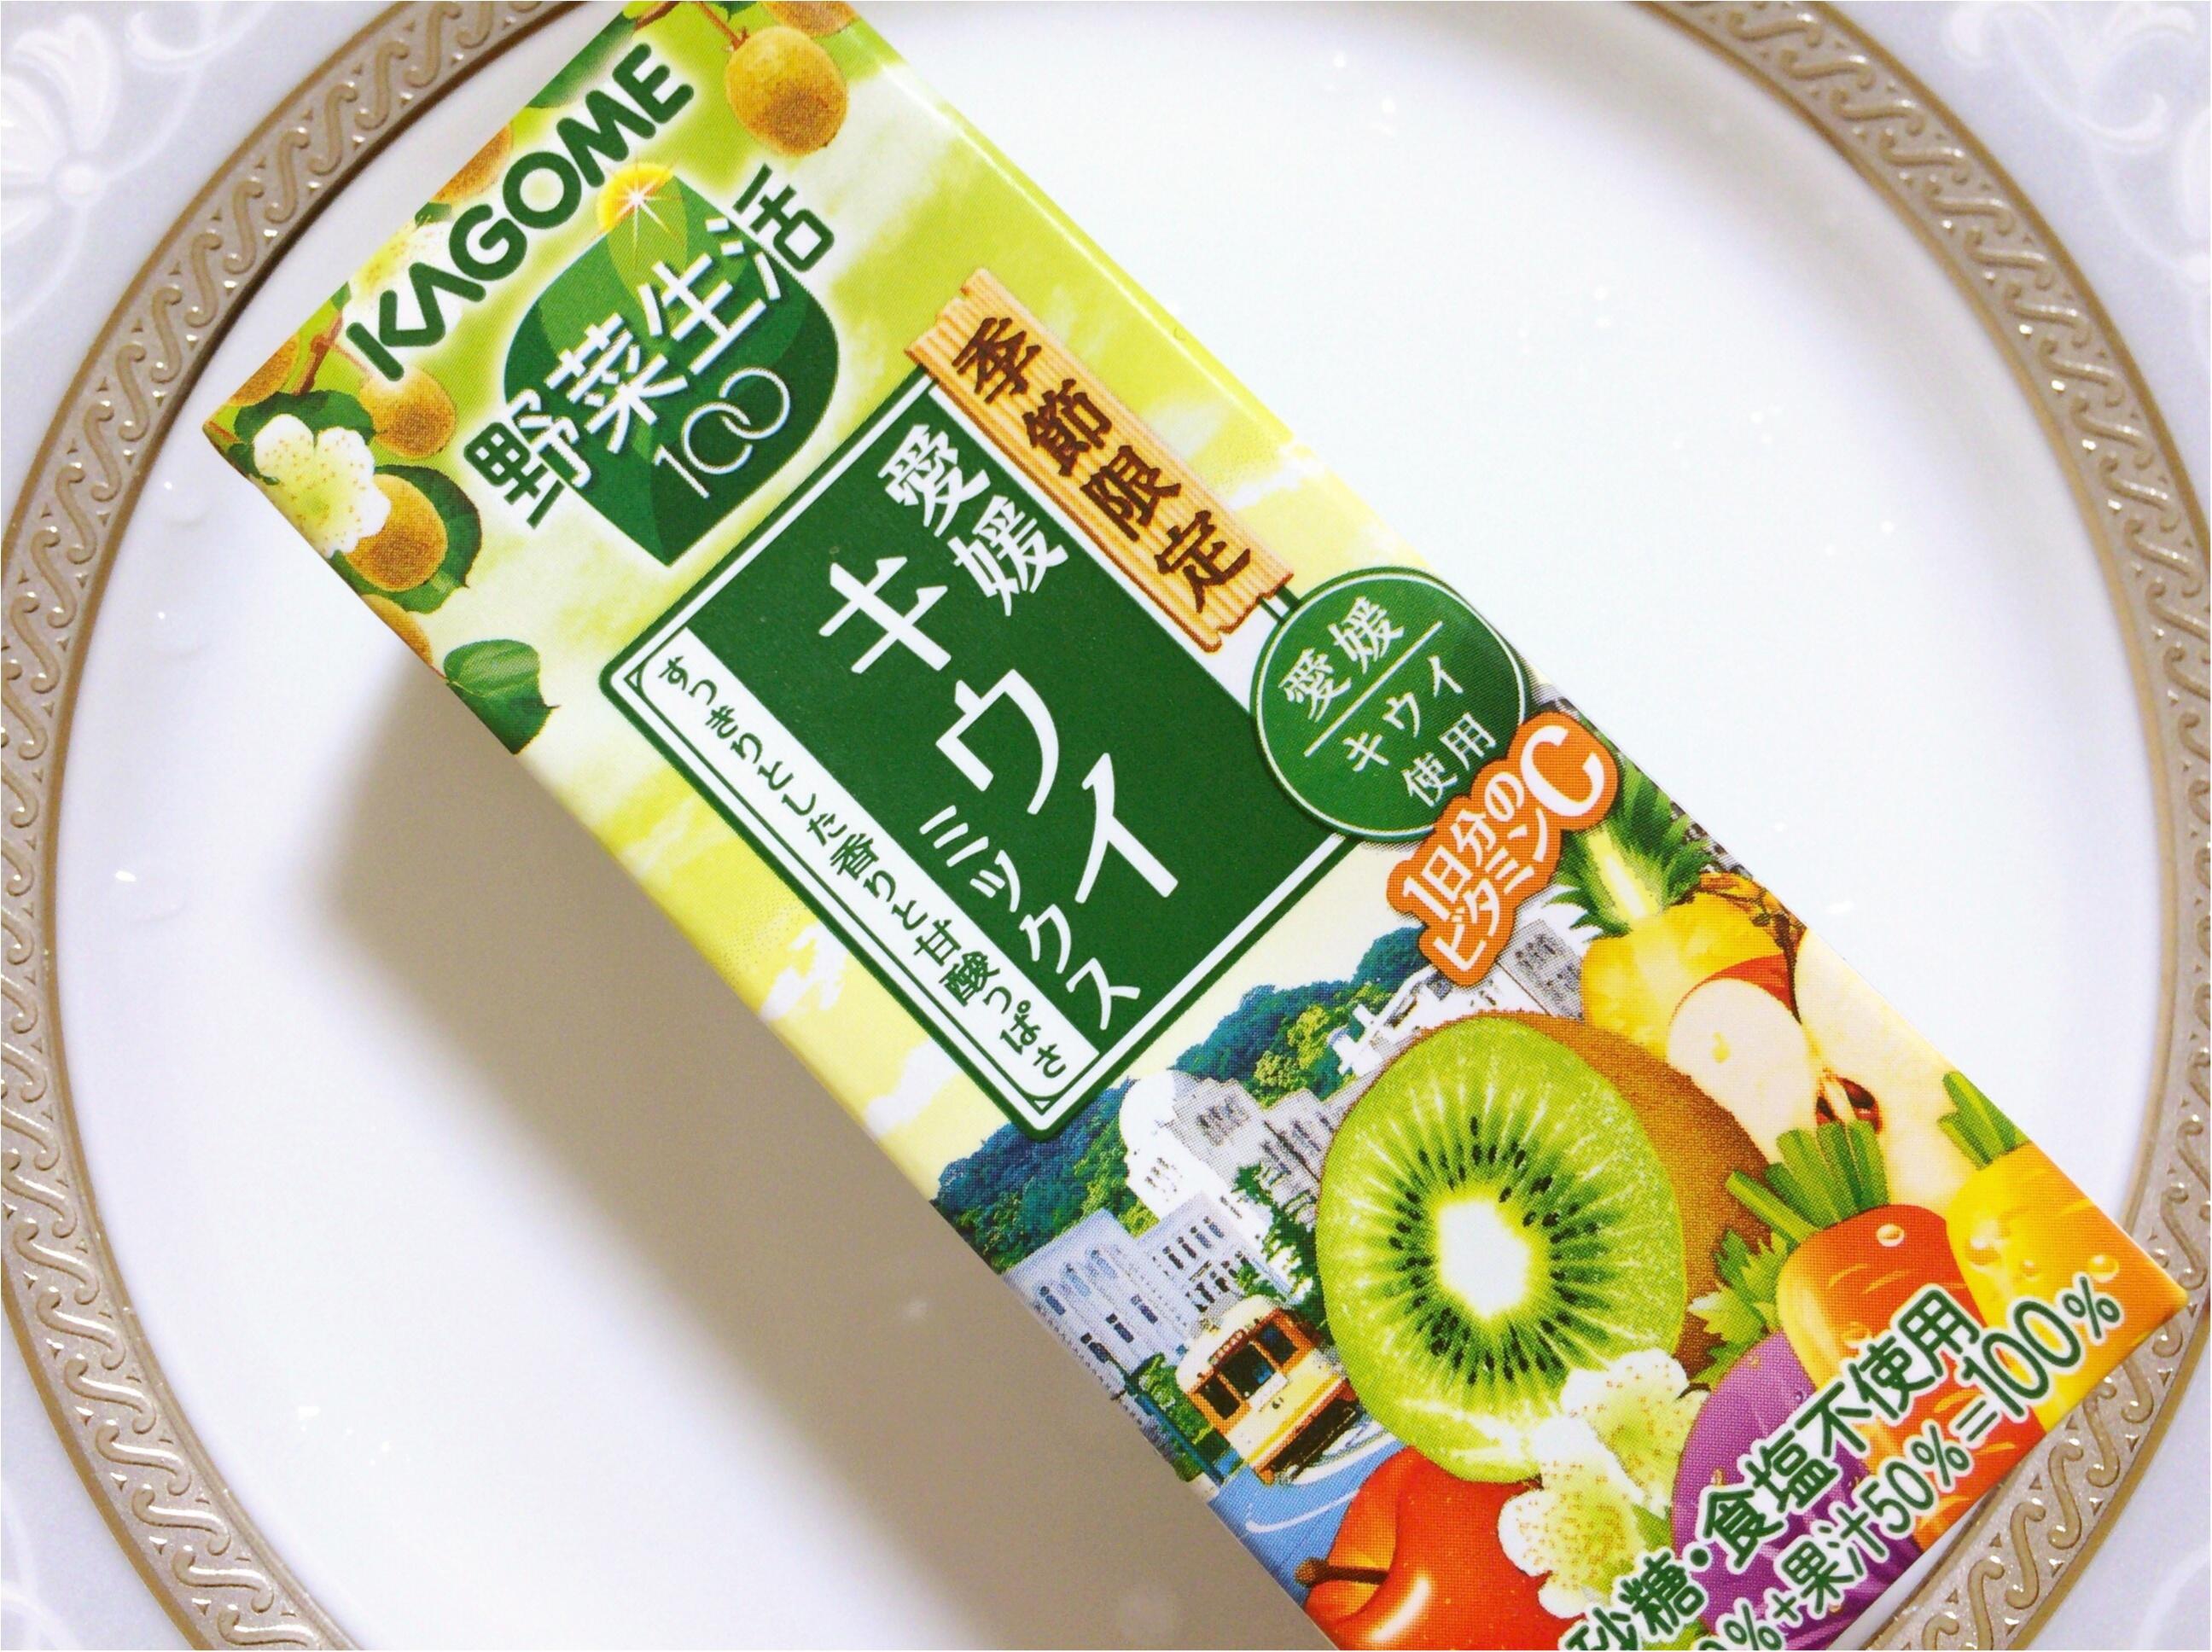 【コンビニ新作】キウイ♡なビタミンC豊富!カゴメ『野菜生活100』季節限定シリーズが美味しい♡_4